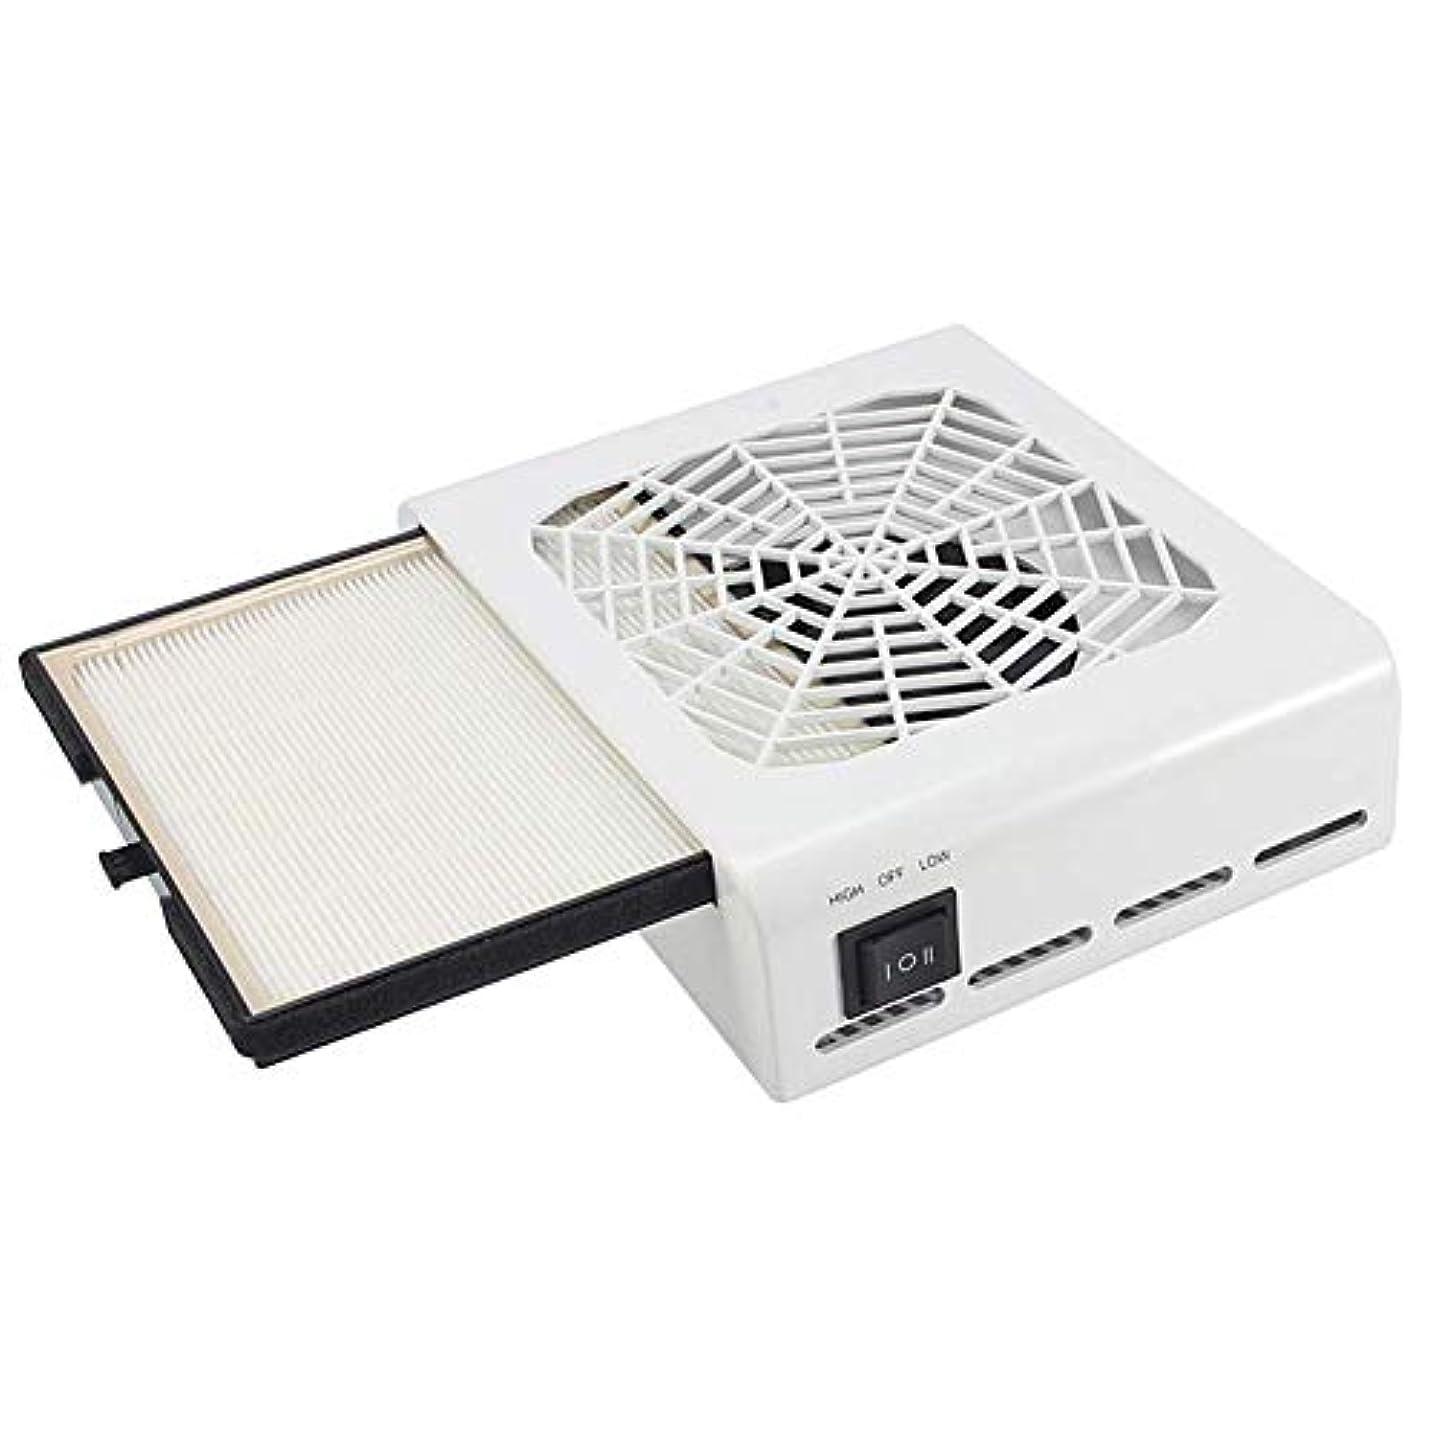 もつれテニスロビー45ワット強力な電源ネイルダストコレクター掃除機ネイルファンアートサロン吸引ダストコレクターネイル美容ツールデスク夕暮れキャッチャー